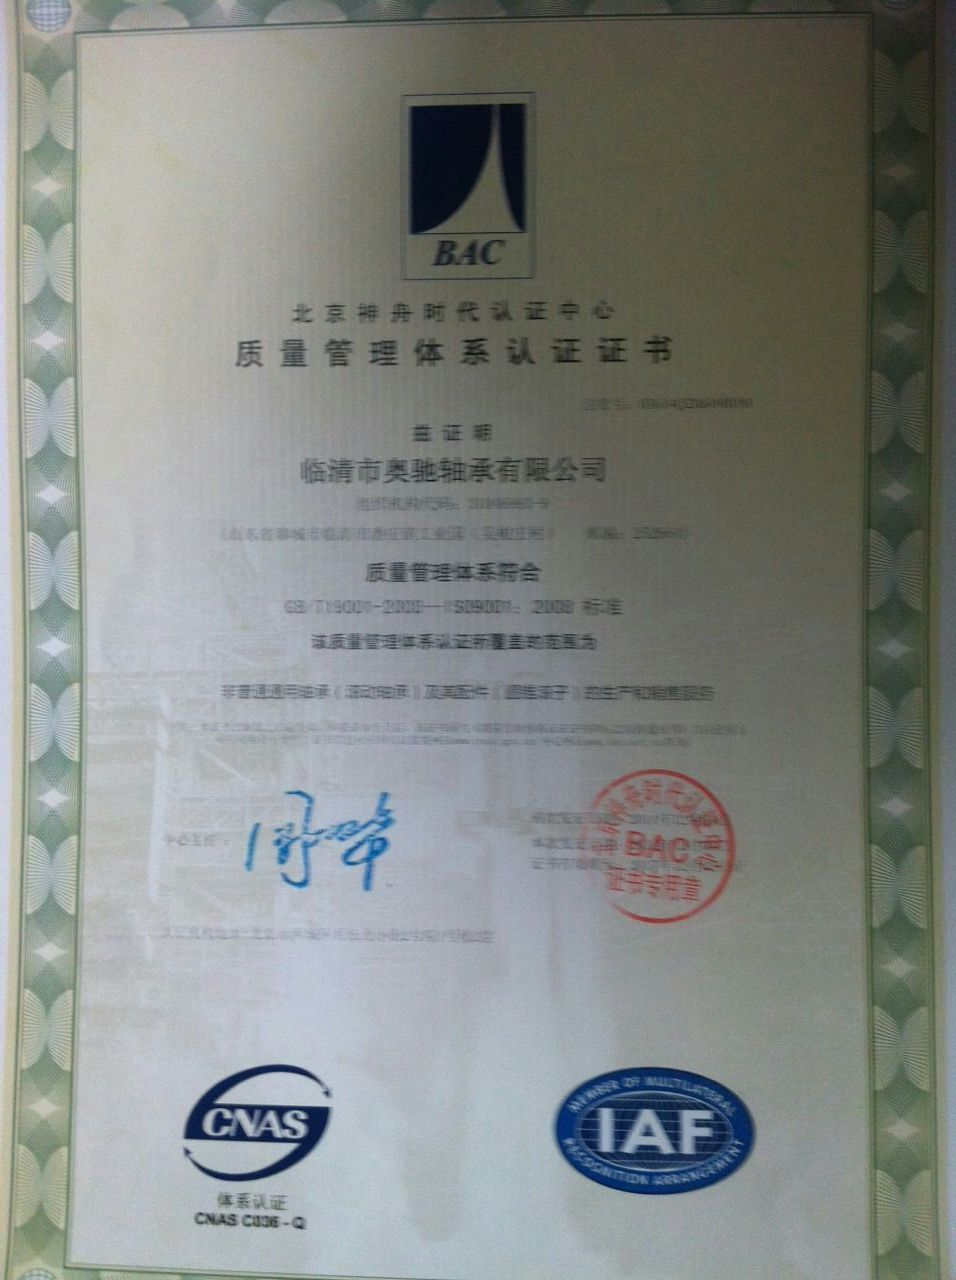 BAC Certificate